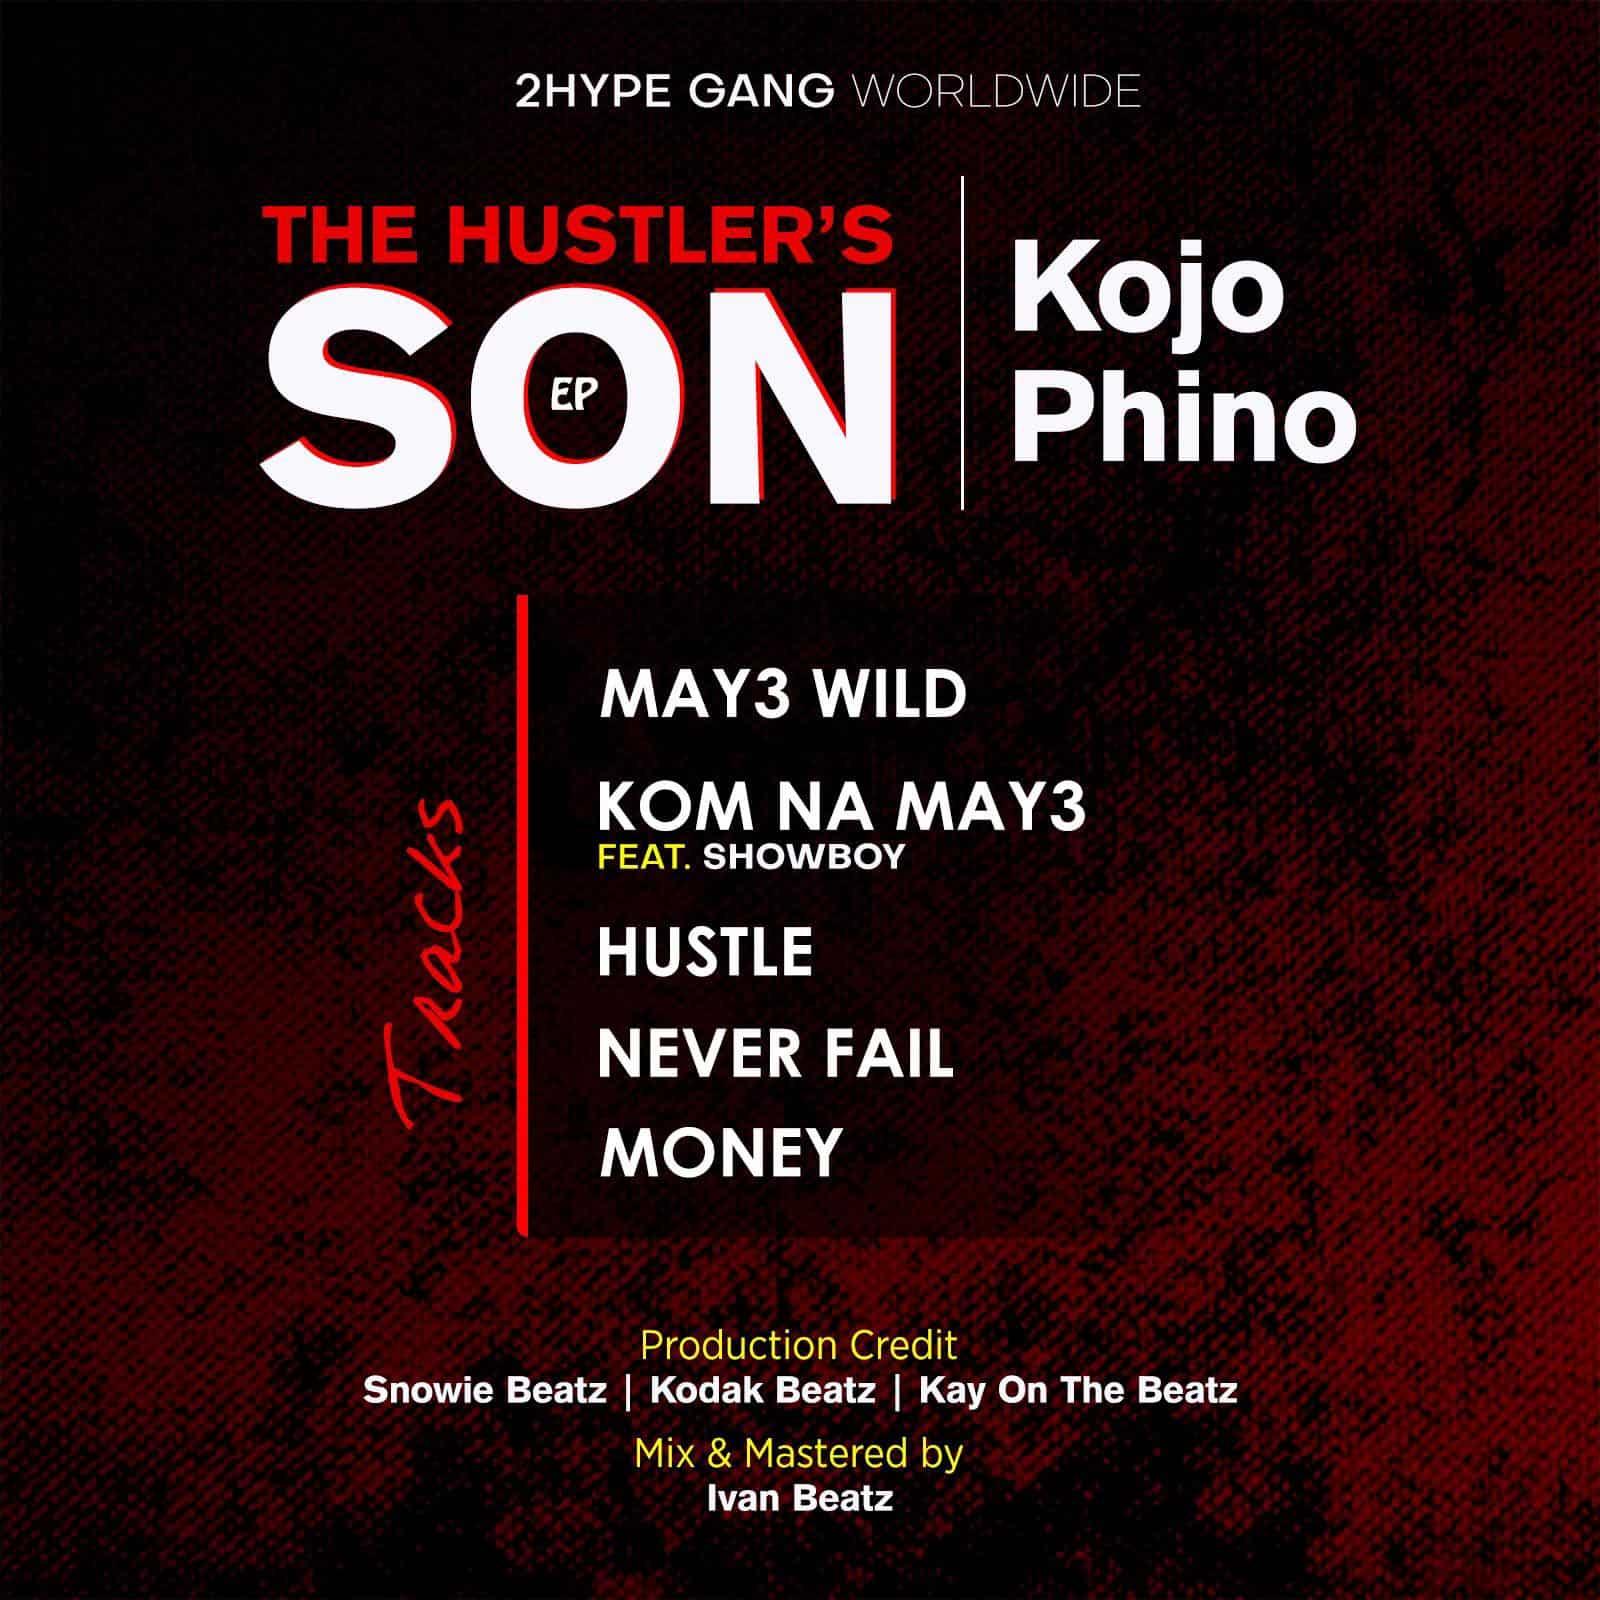 """2Hype Kojo Phino """"The Hustle's Son"""""""